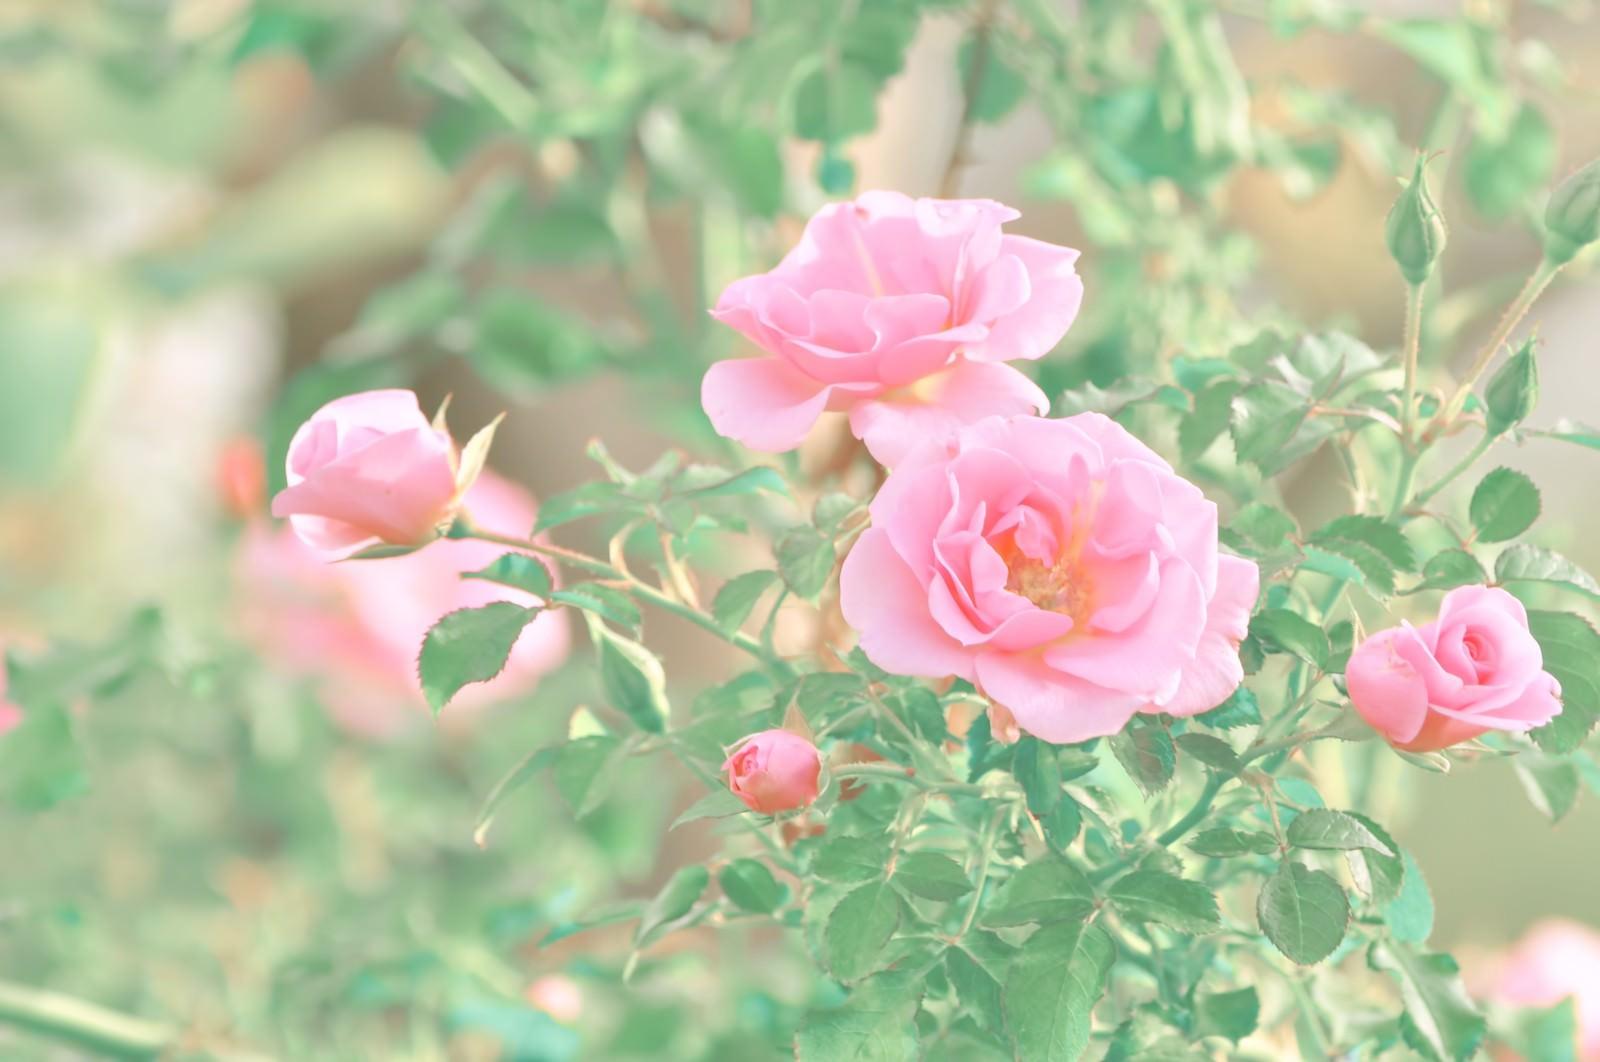 「ピンク色の薔薇」の写真